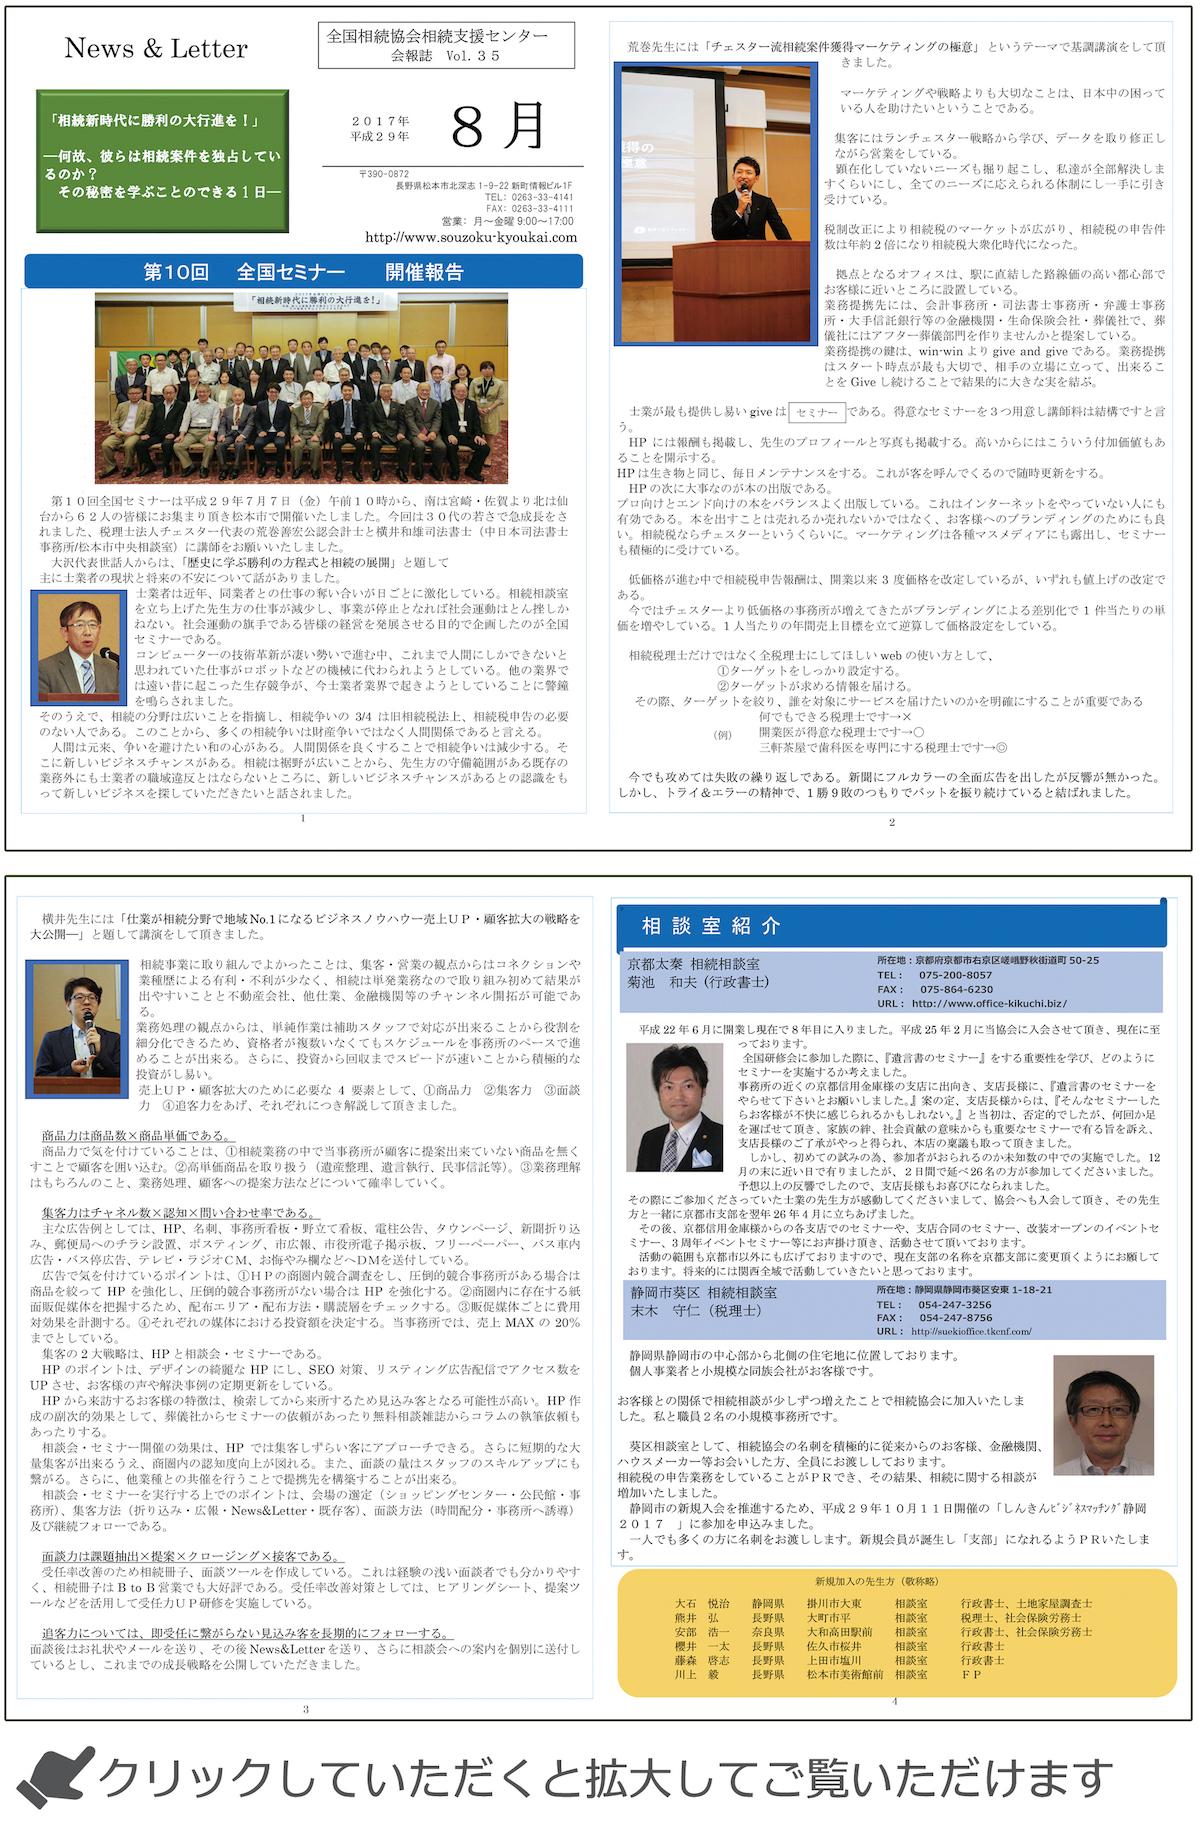 会報ニュース&レター8月号